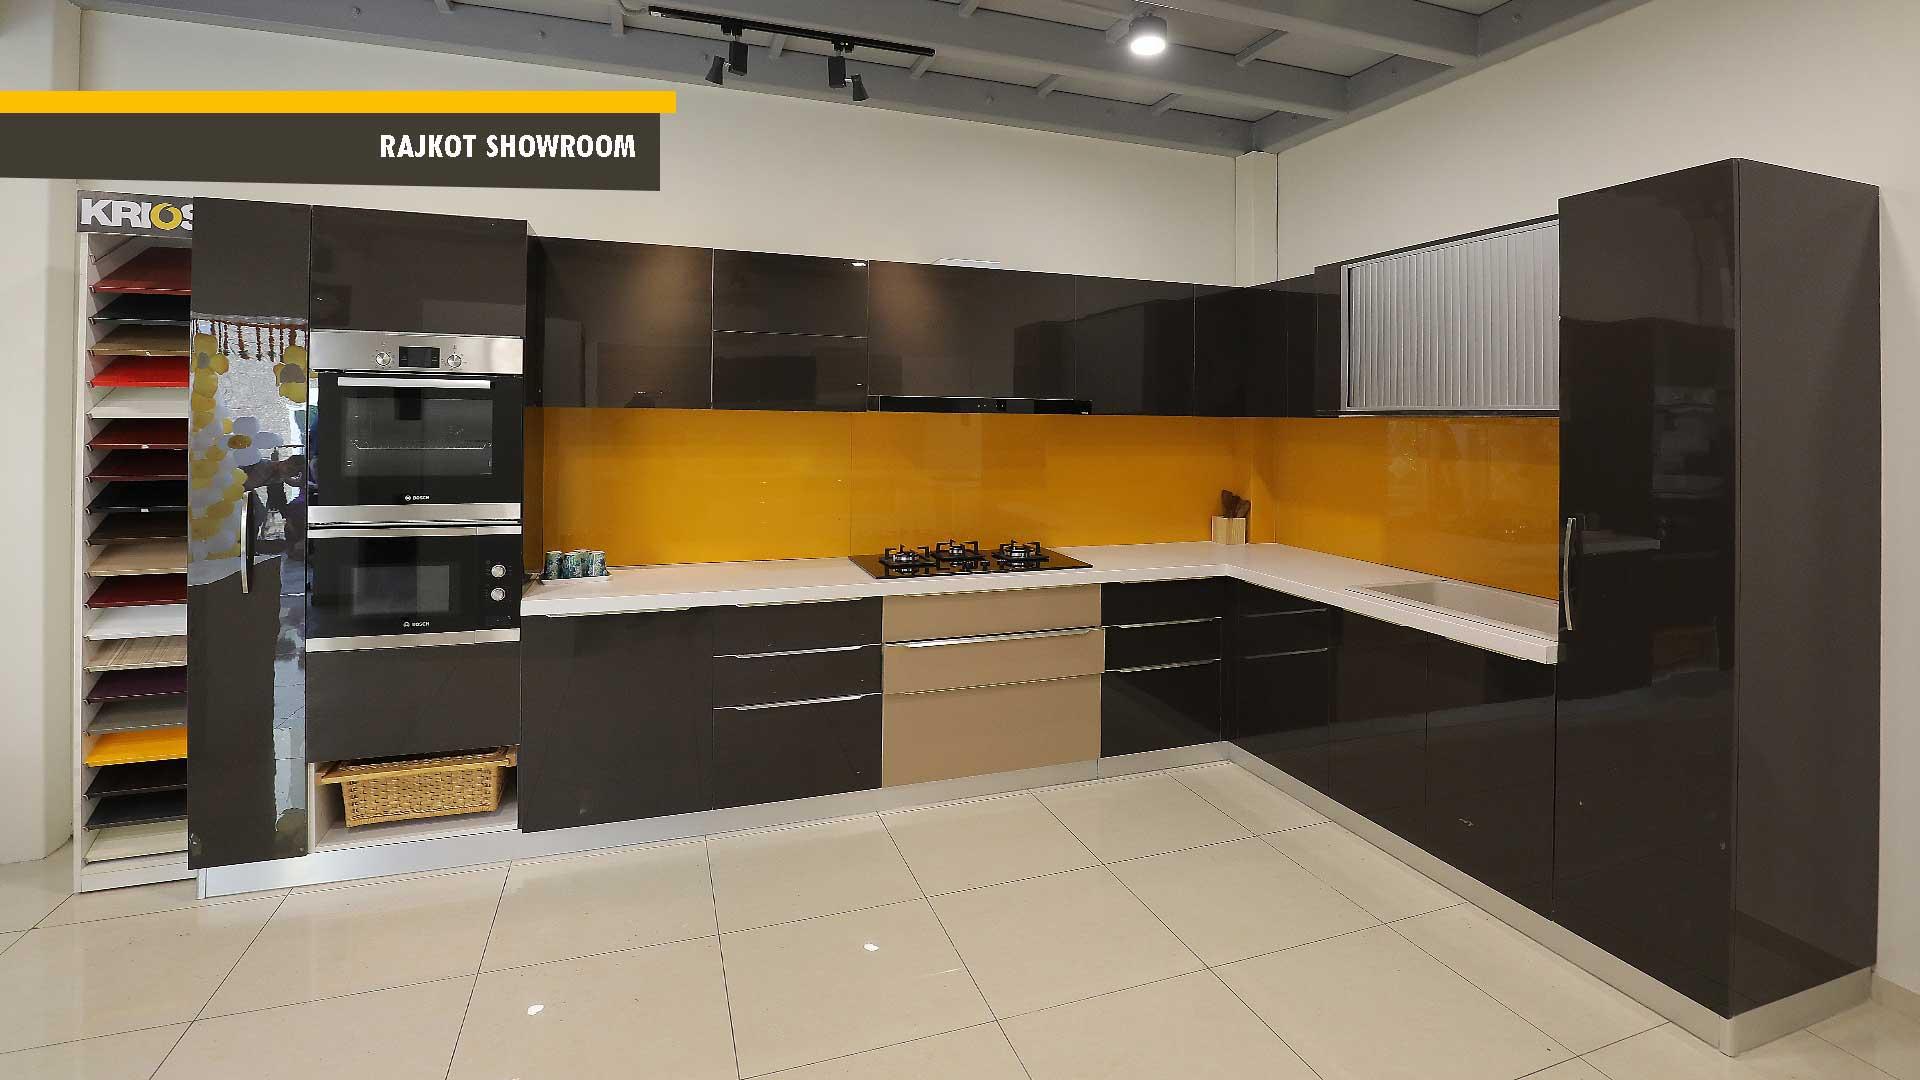 Modular Kitchens Ahmedabad  Buy Modular Kitchens Online